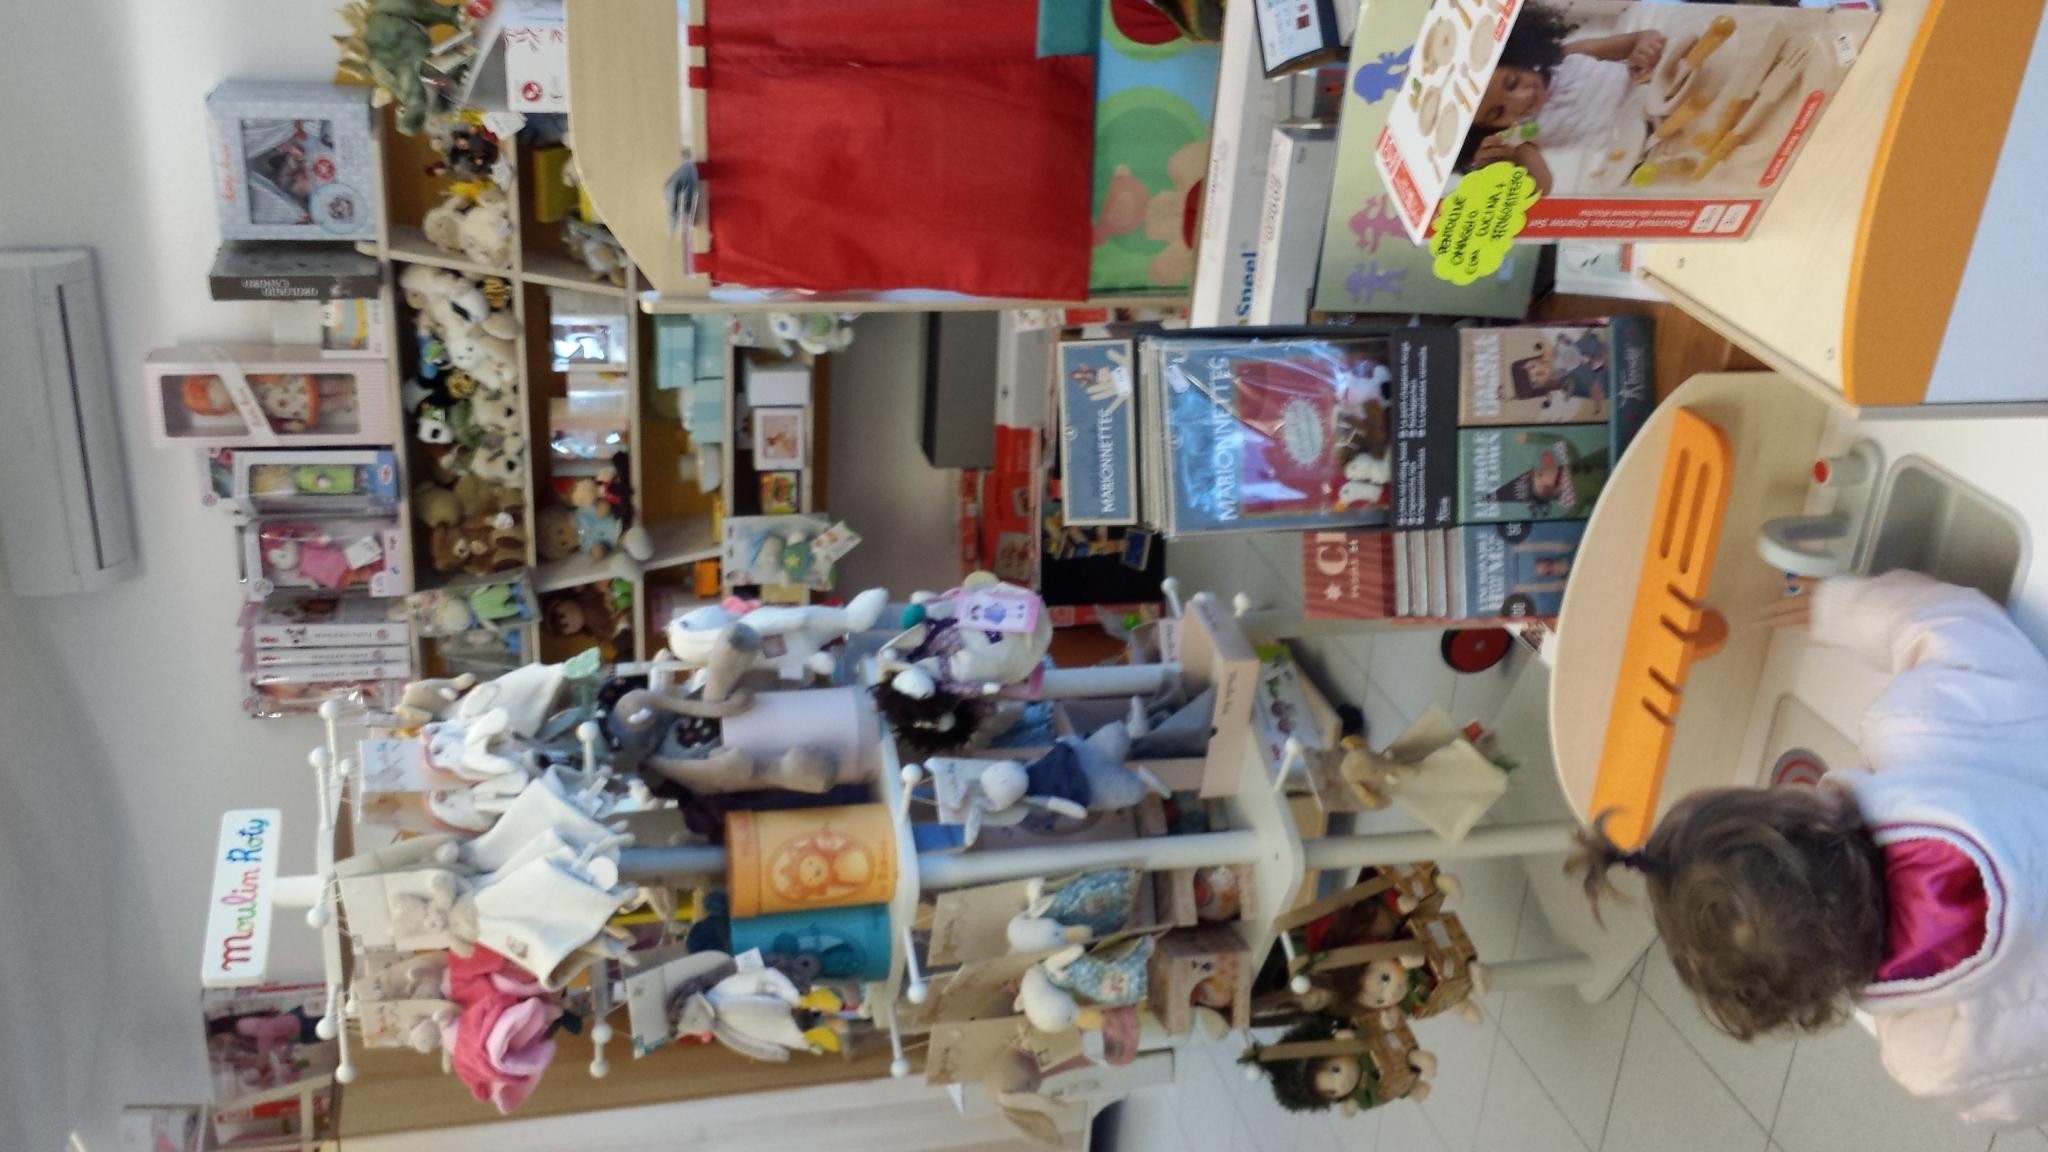 Oko bimbo il negozio fatto a misura di bimbo